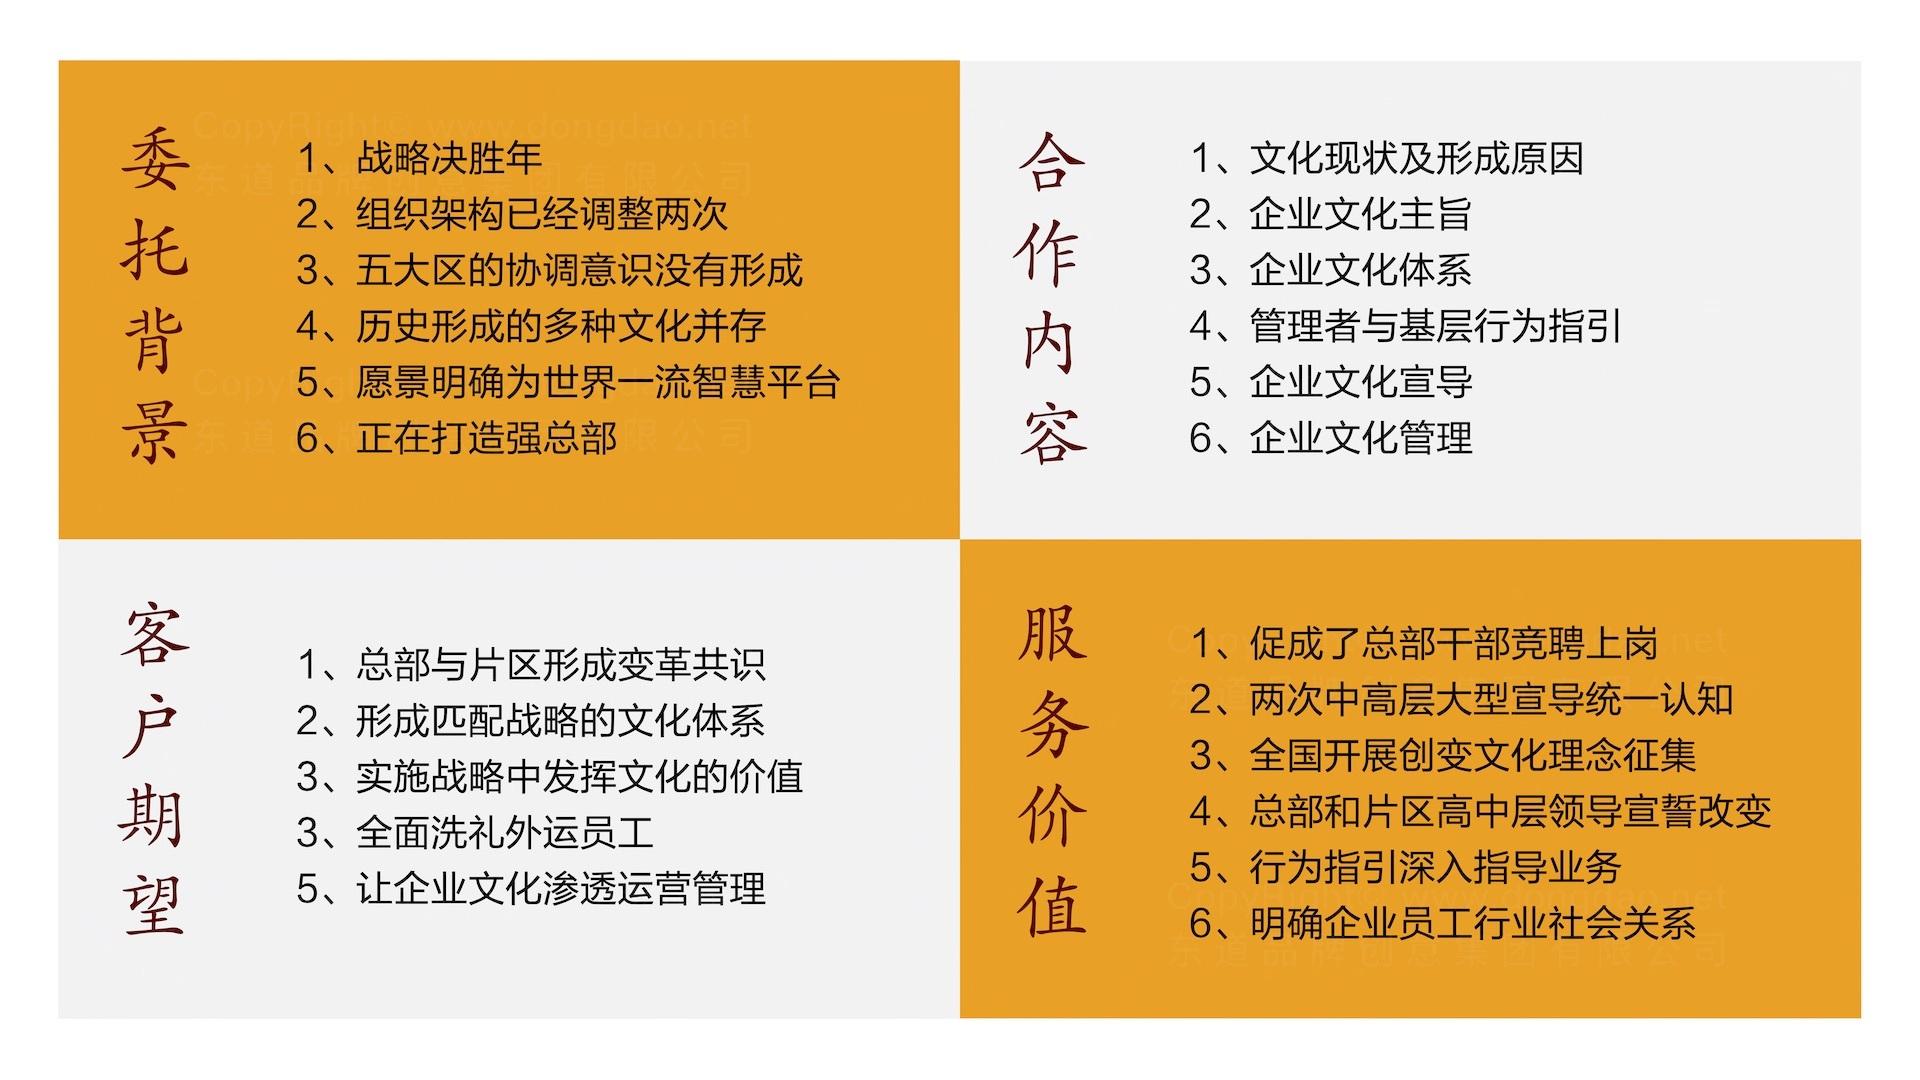 交通运输品牌战略&企业文化中国外运企业文化落地项目企业文化手册